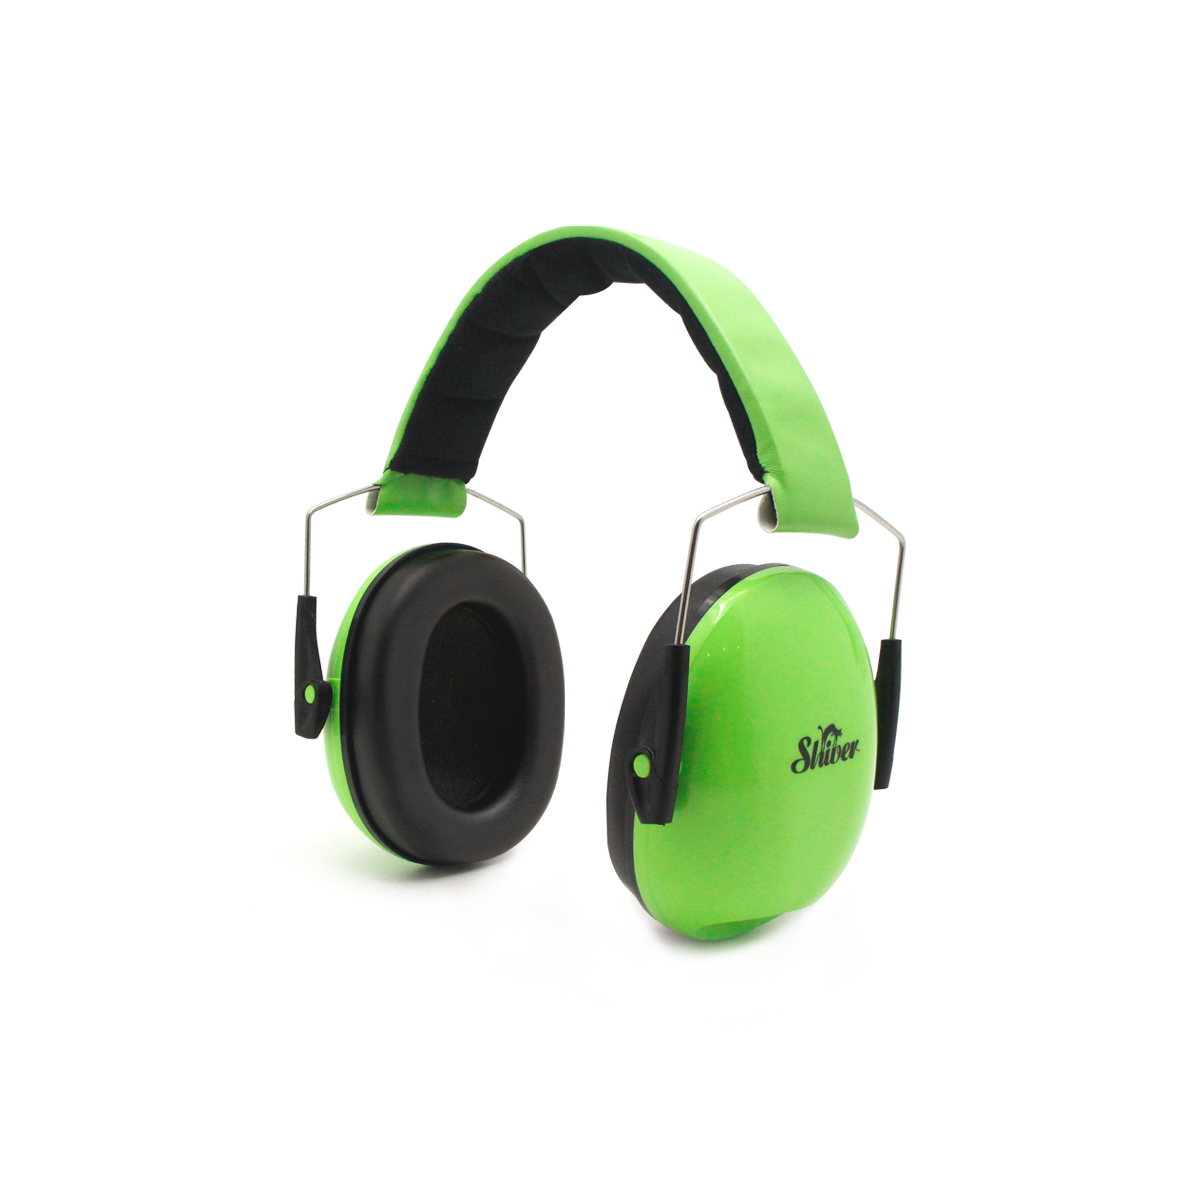 Casque de protection auditive Shiver - Vert